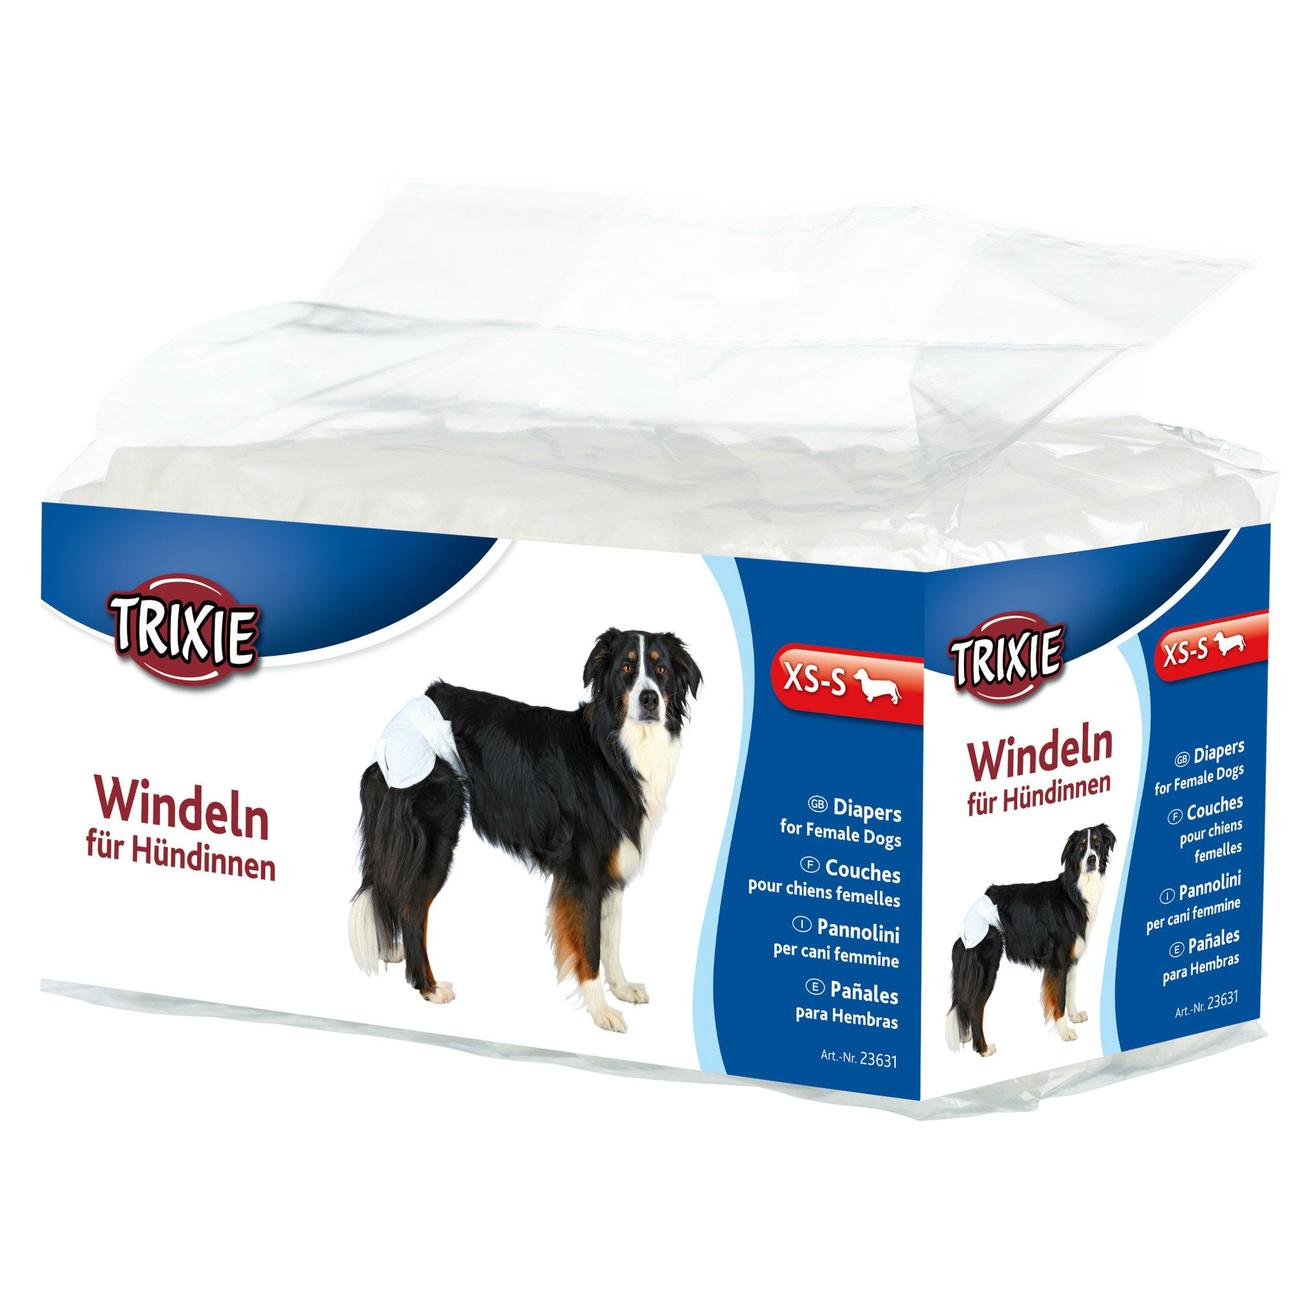 TRIXIE Hundewindeln für Hündinnen 23631